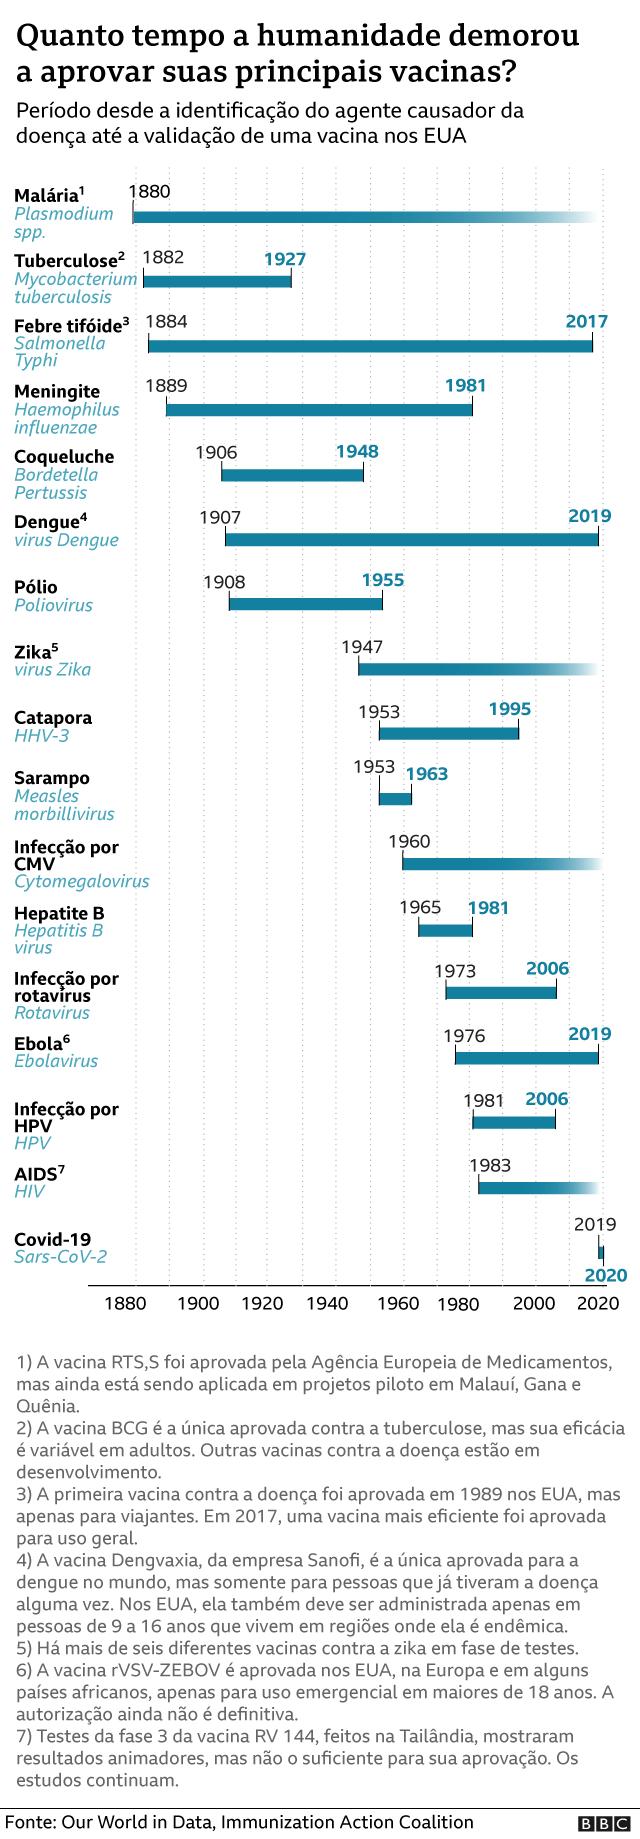 Linha do tempo do desenvolvimento de vacinas